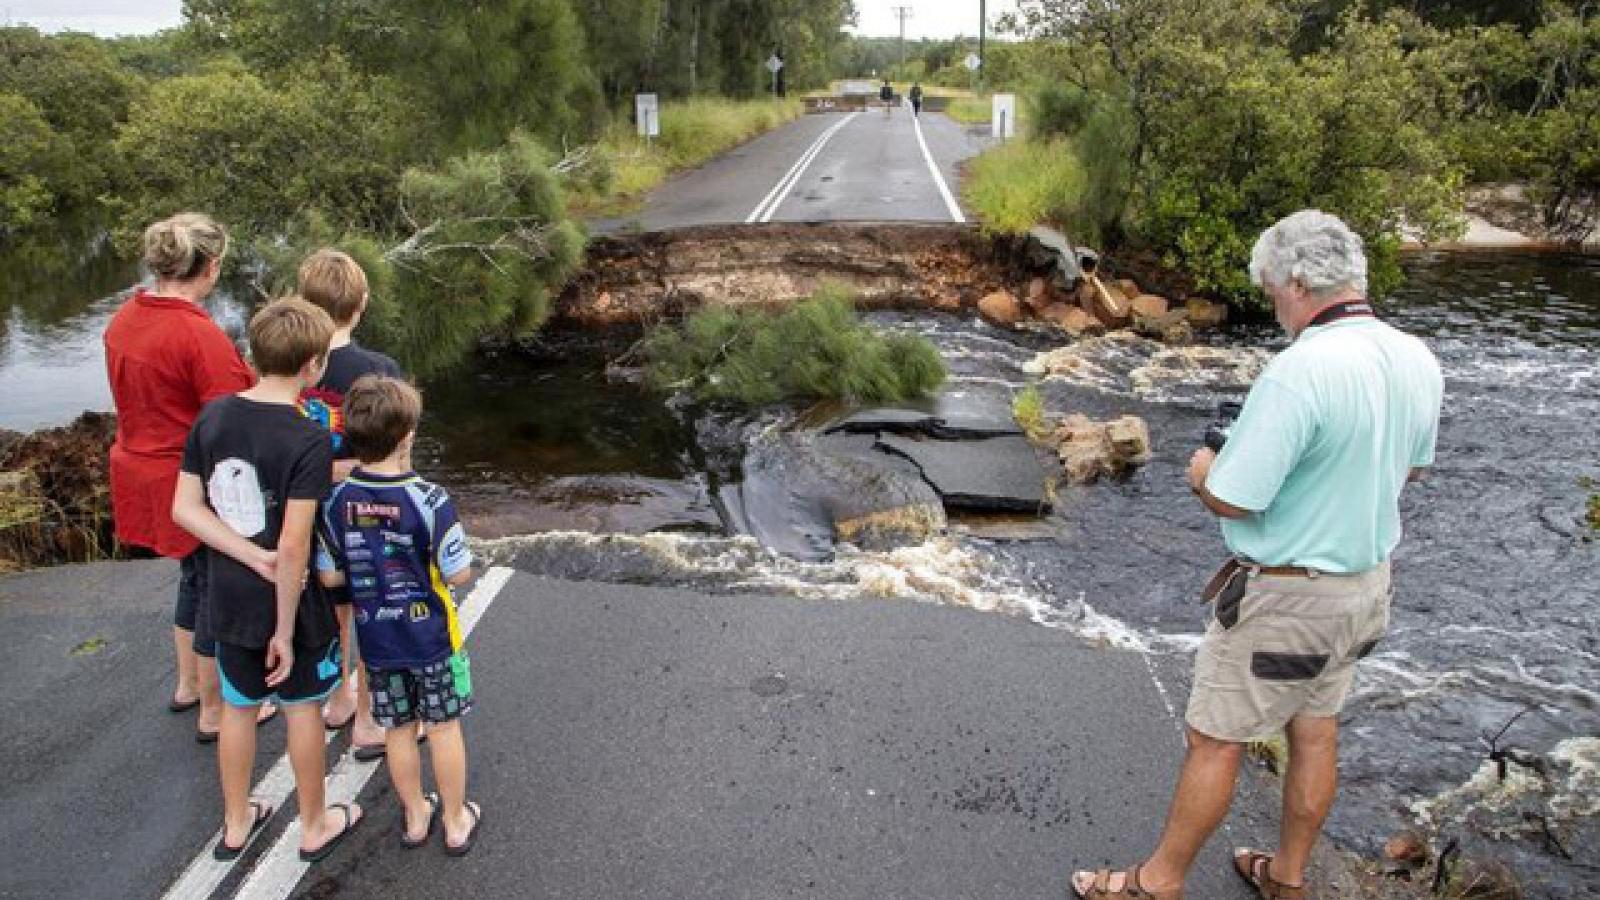 Hàng trăm người dân Australia phải đi sơ tán khẩn cấp do mưa lũ kéo dài